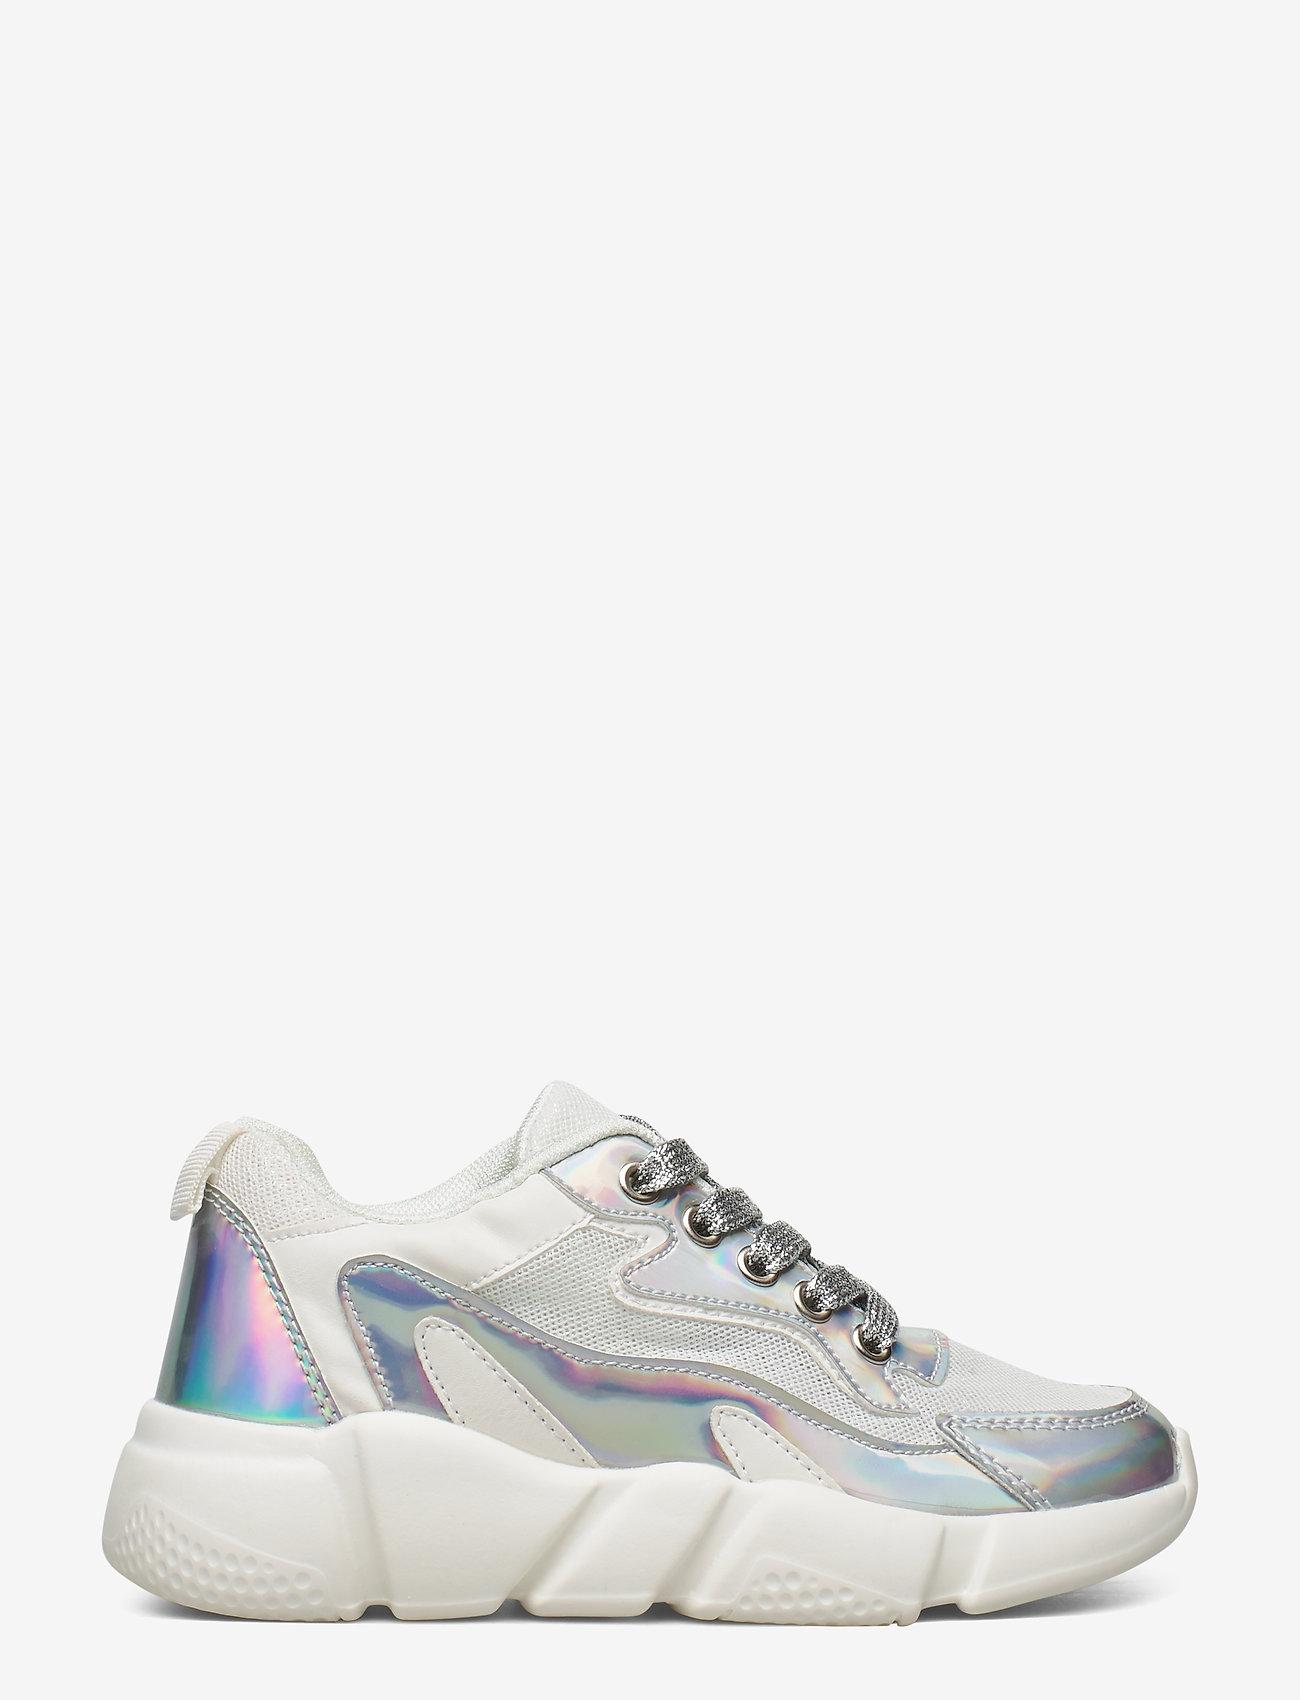 Petit by Sofie Schnoor - Sneaker - sneakers - white - 1